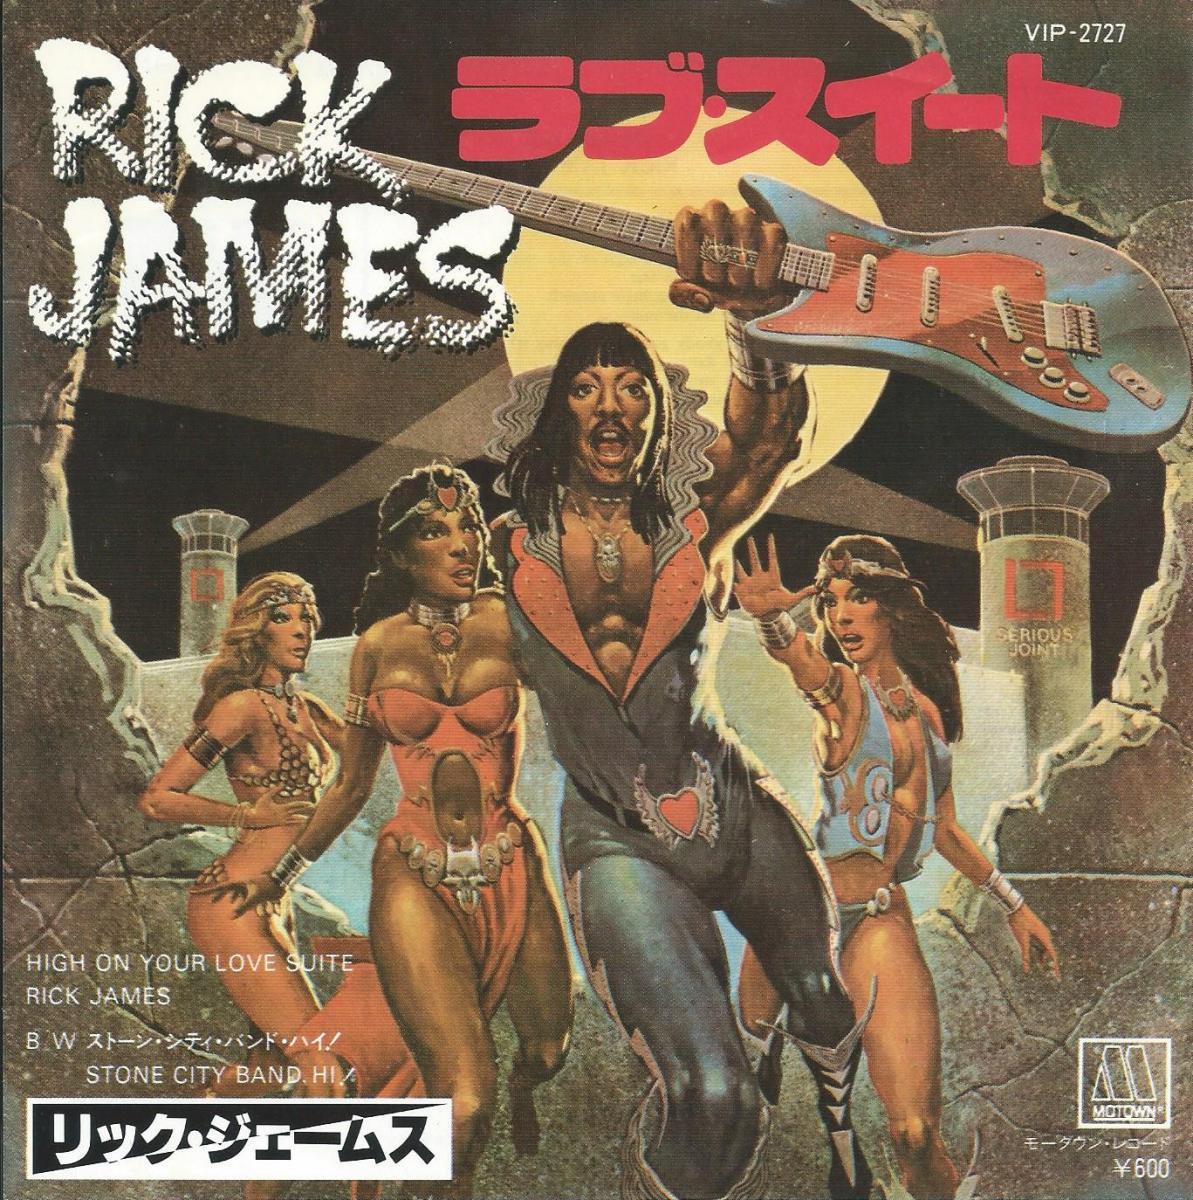 リック・ジェームス RICK JAMES / ラブ・スイート HIGH ON YOUR LOVE SUITE (7